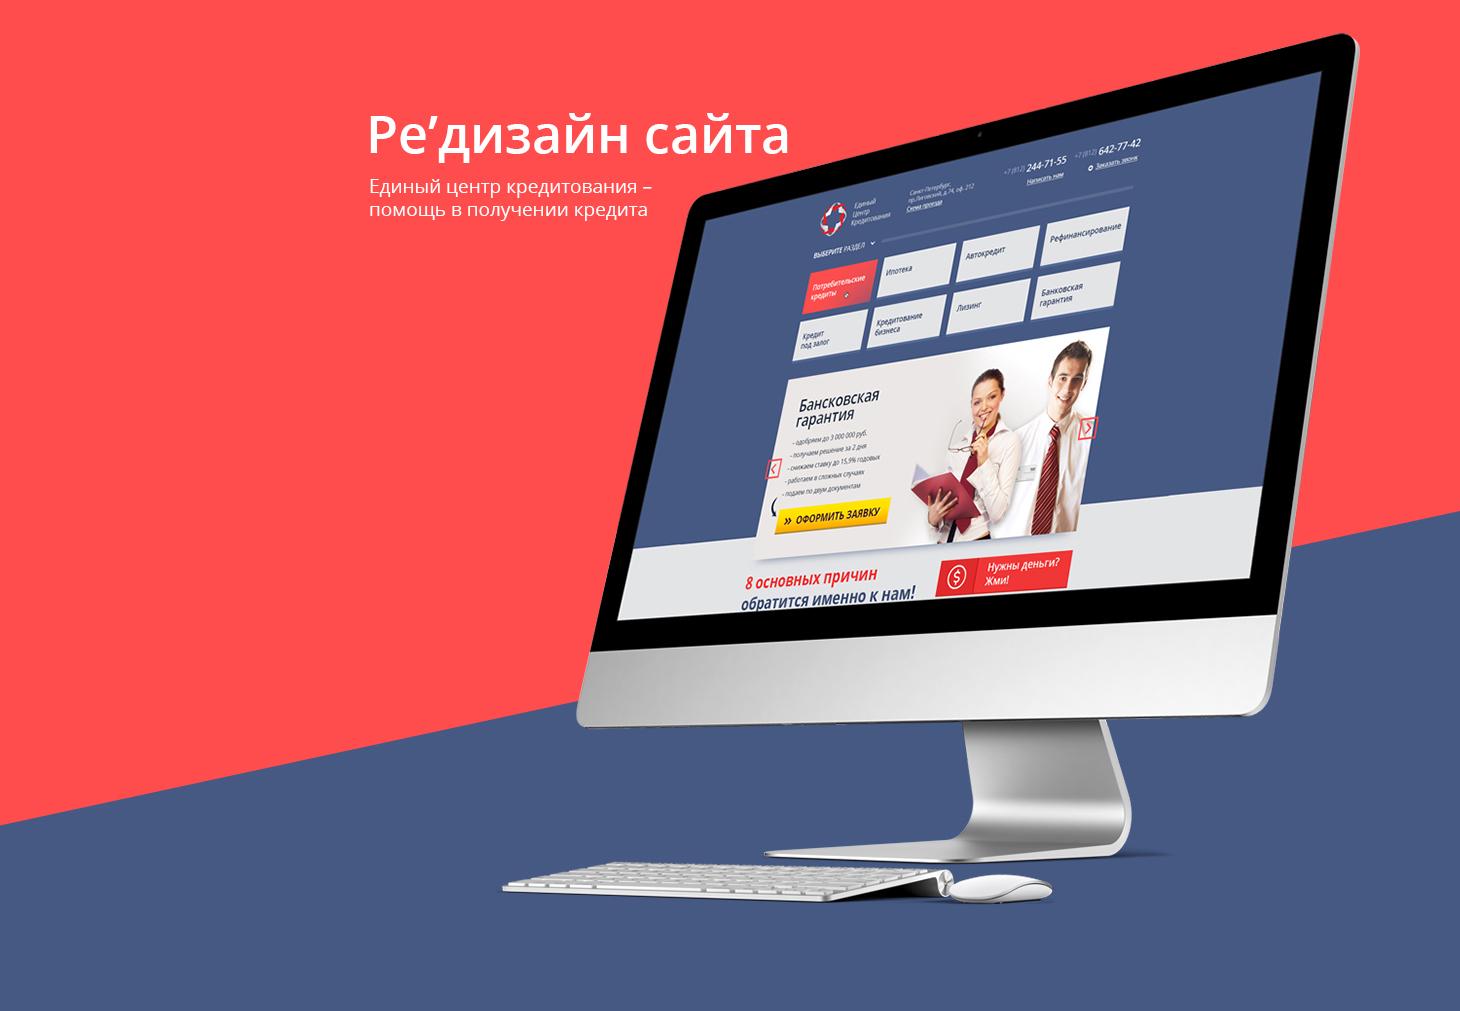 Сайт визитка - единый центр кредитования